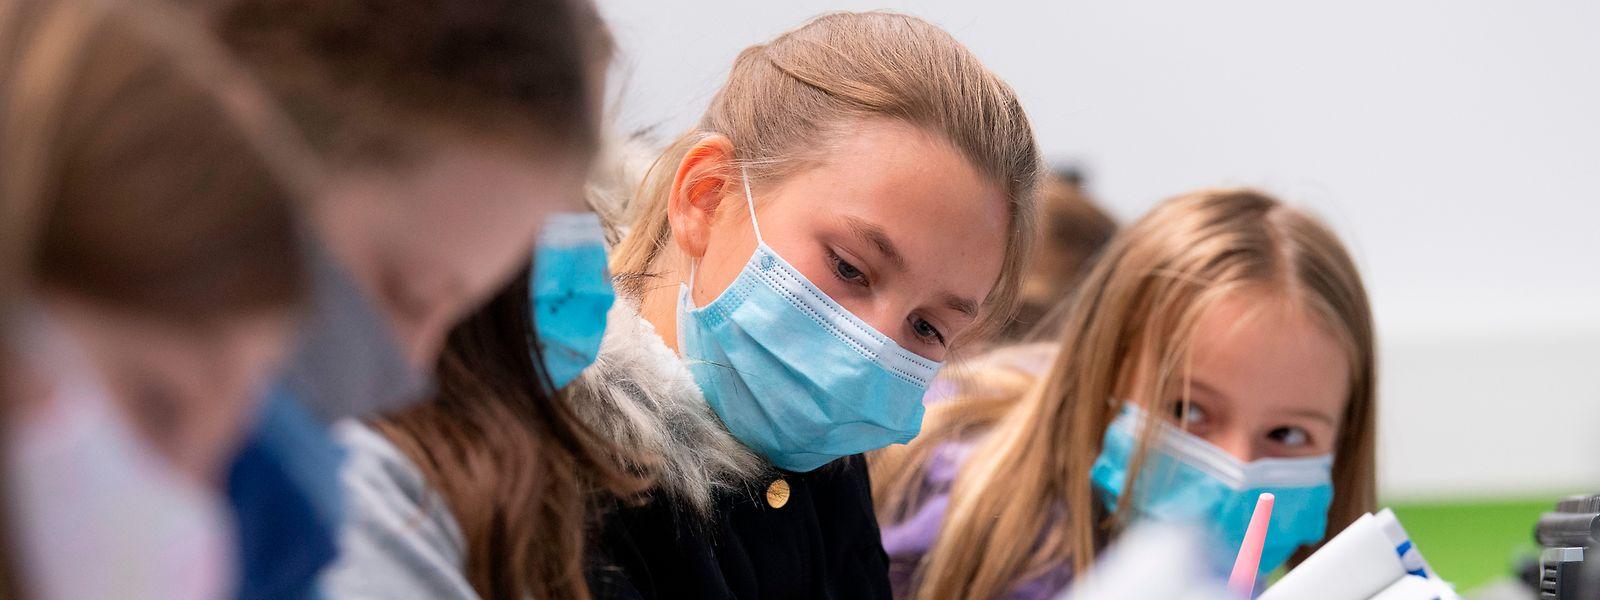 L'association de parents d'élèves, la Fapeo, estime que la gestion sanitaire laissait trop à désirer dans maintes écoles.